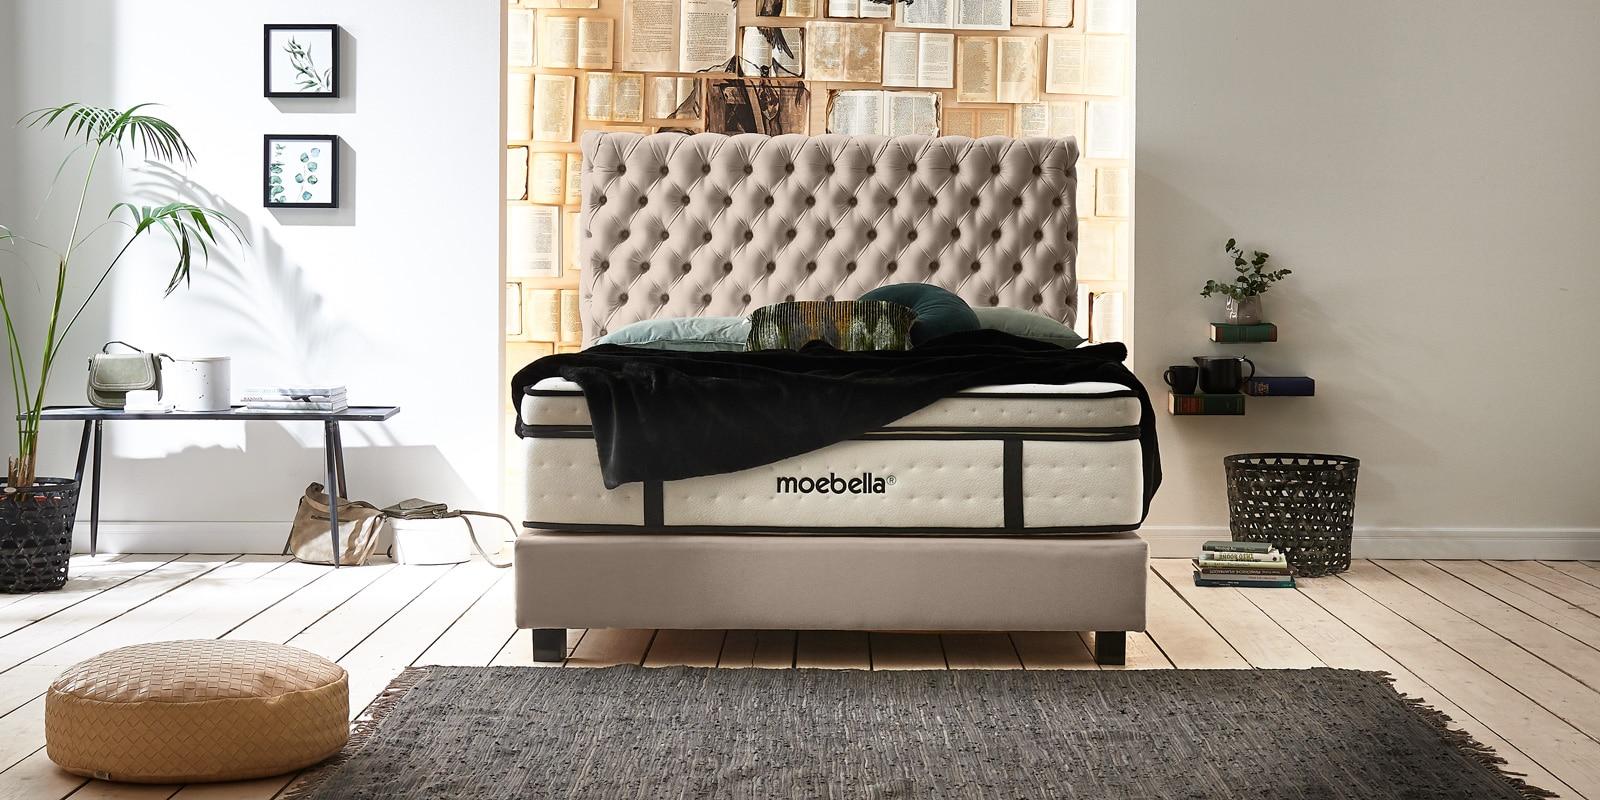 Moebella24 - Boxspringbett Roma - Chesterfield Stil mit Knopfheftung - XXL-Matratze - Velour beige - von vorne